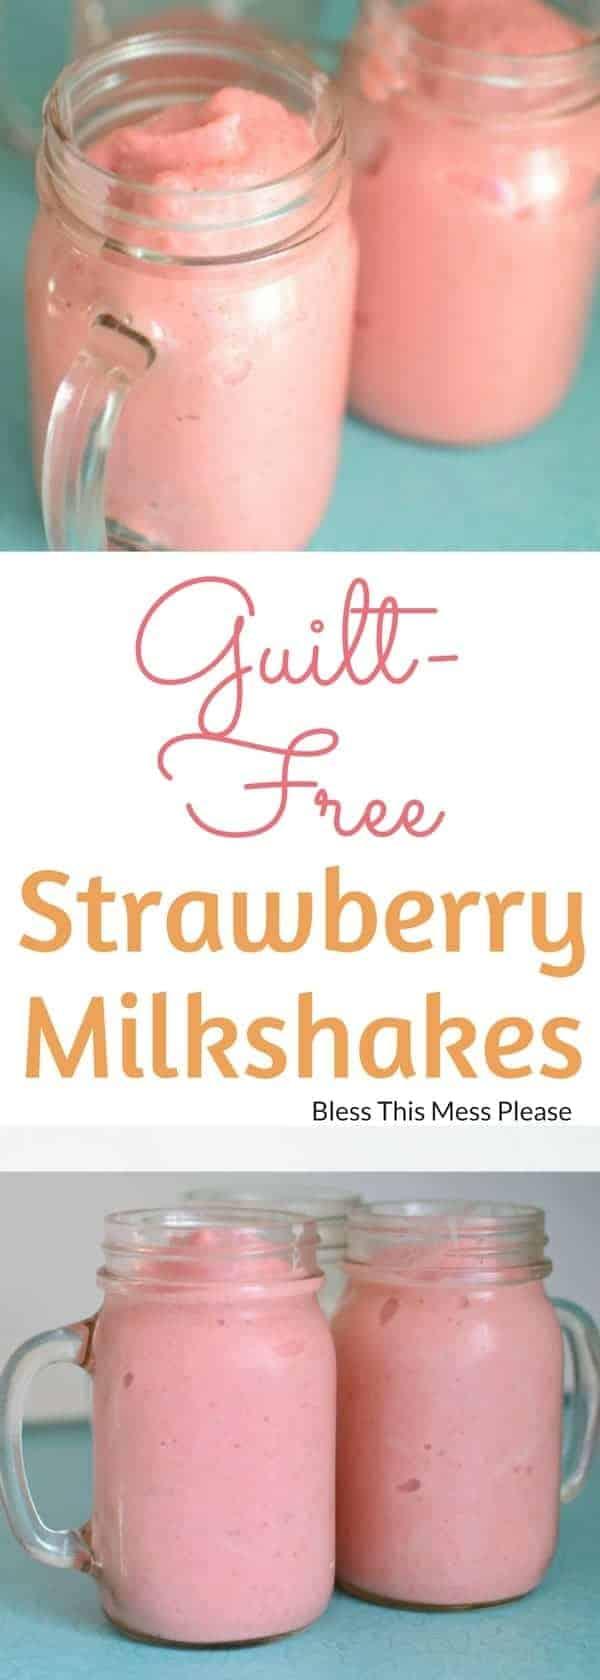 Guilt-Free Strawberry Milkshakes